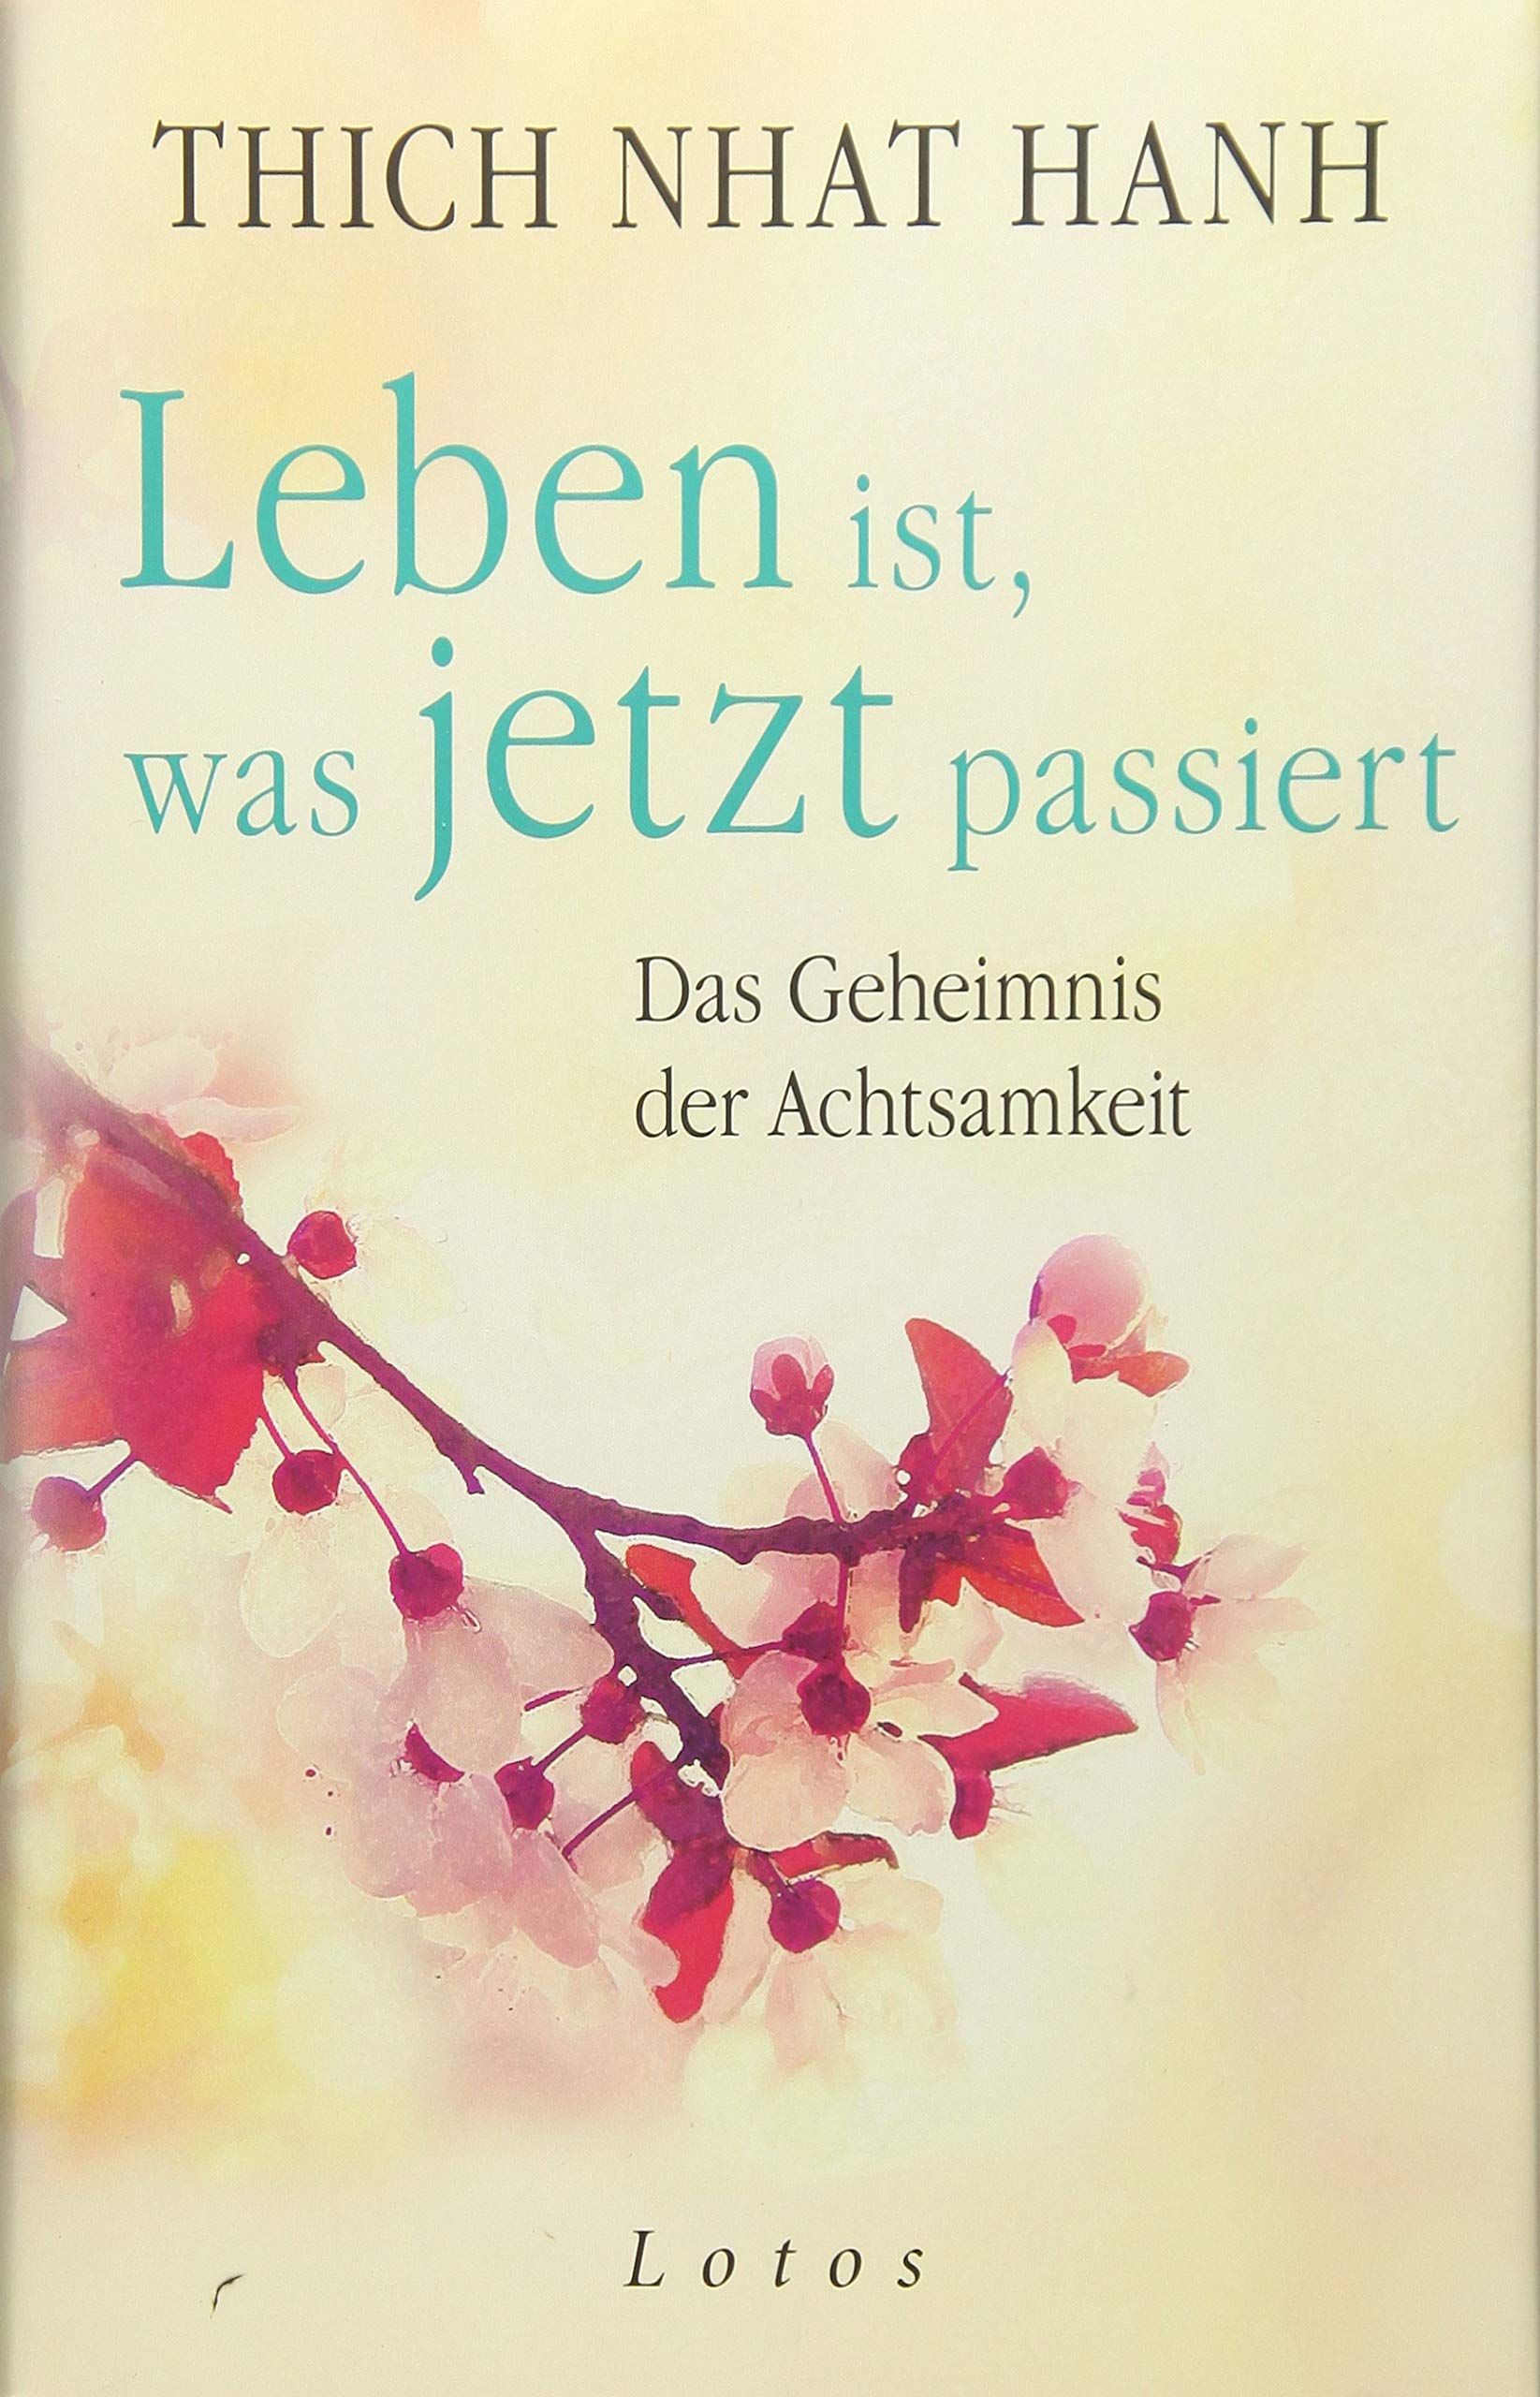 Leben ist, was jetzt passiert: Das Geheimnis der Achtsamkeit Gebundenes Buch – 16. April 2018 Thich Nhat Hanh Jochen Lehner Lotos 3778782762